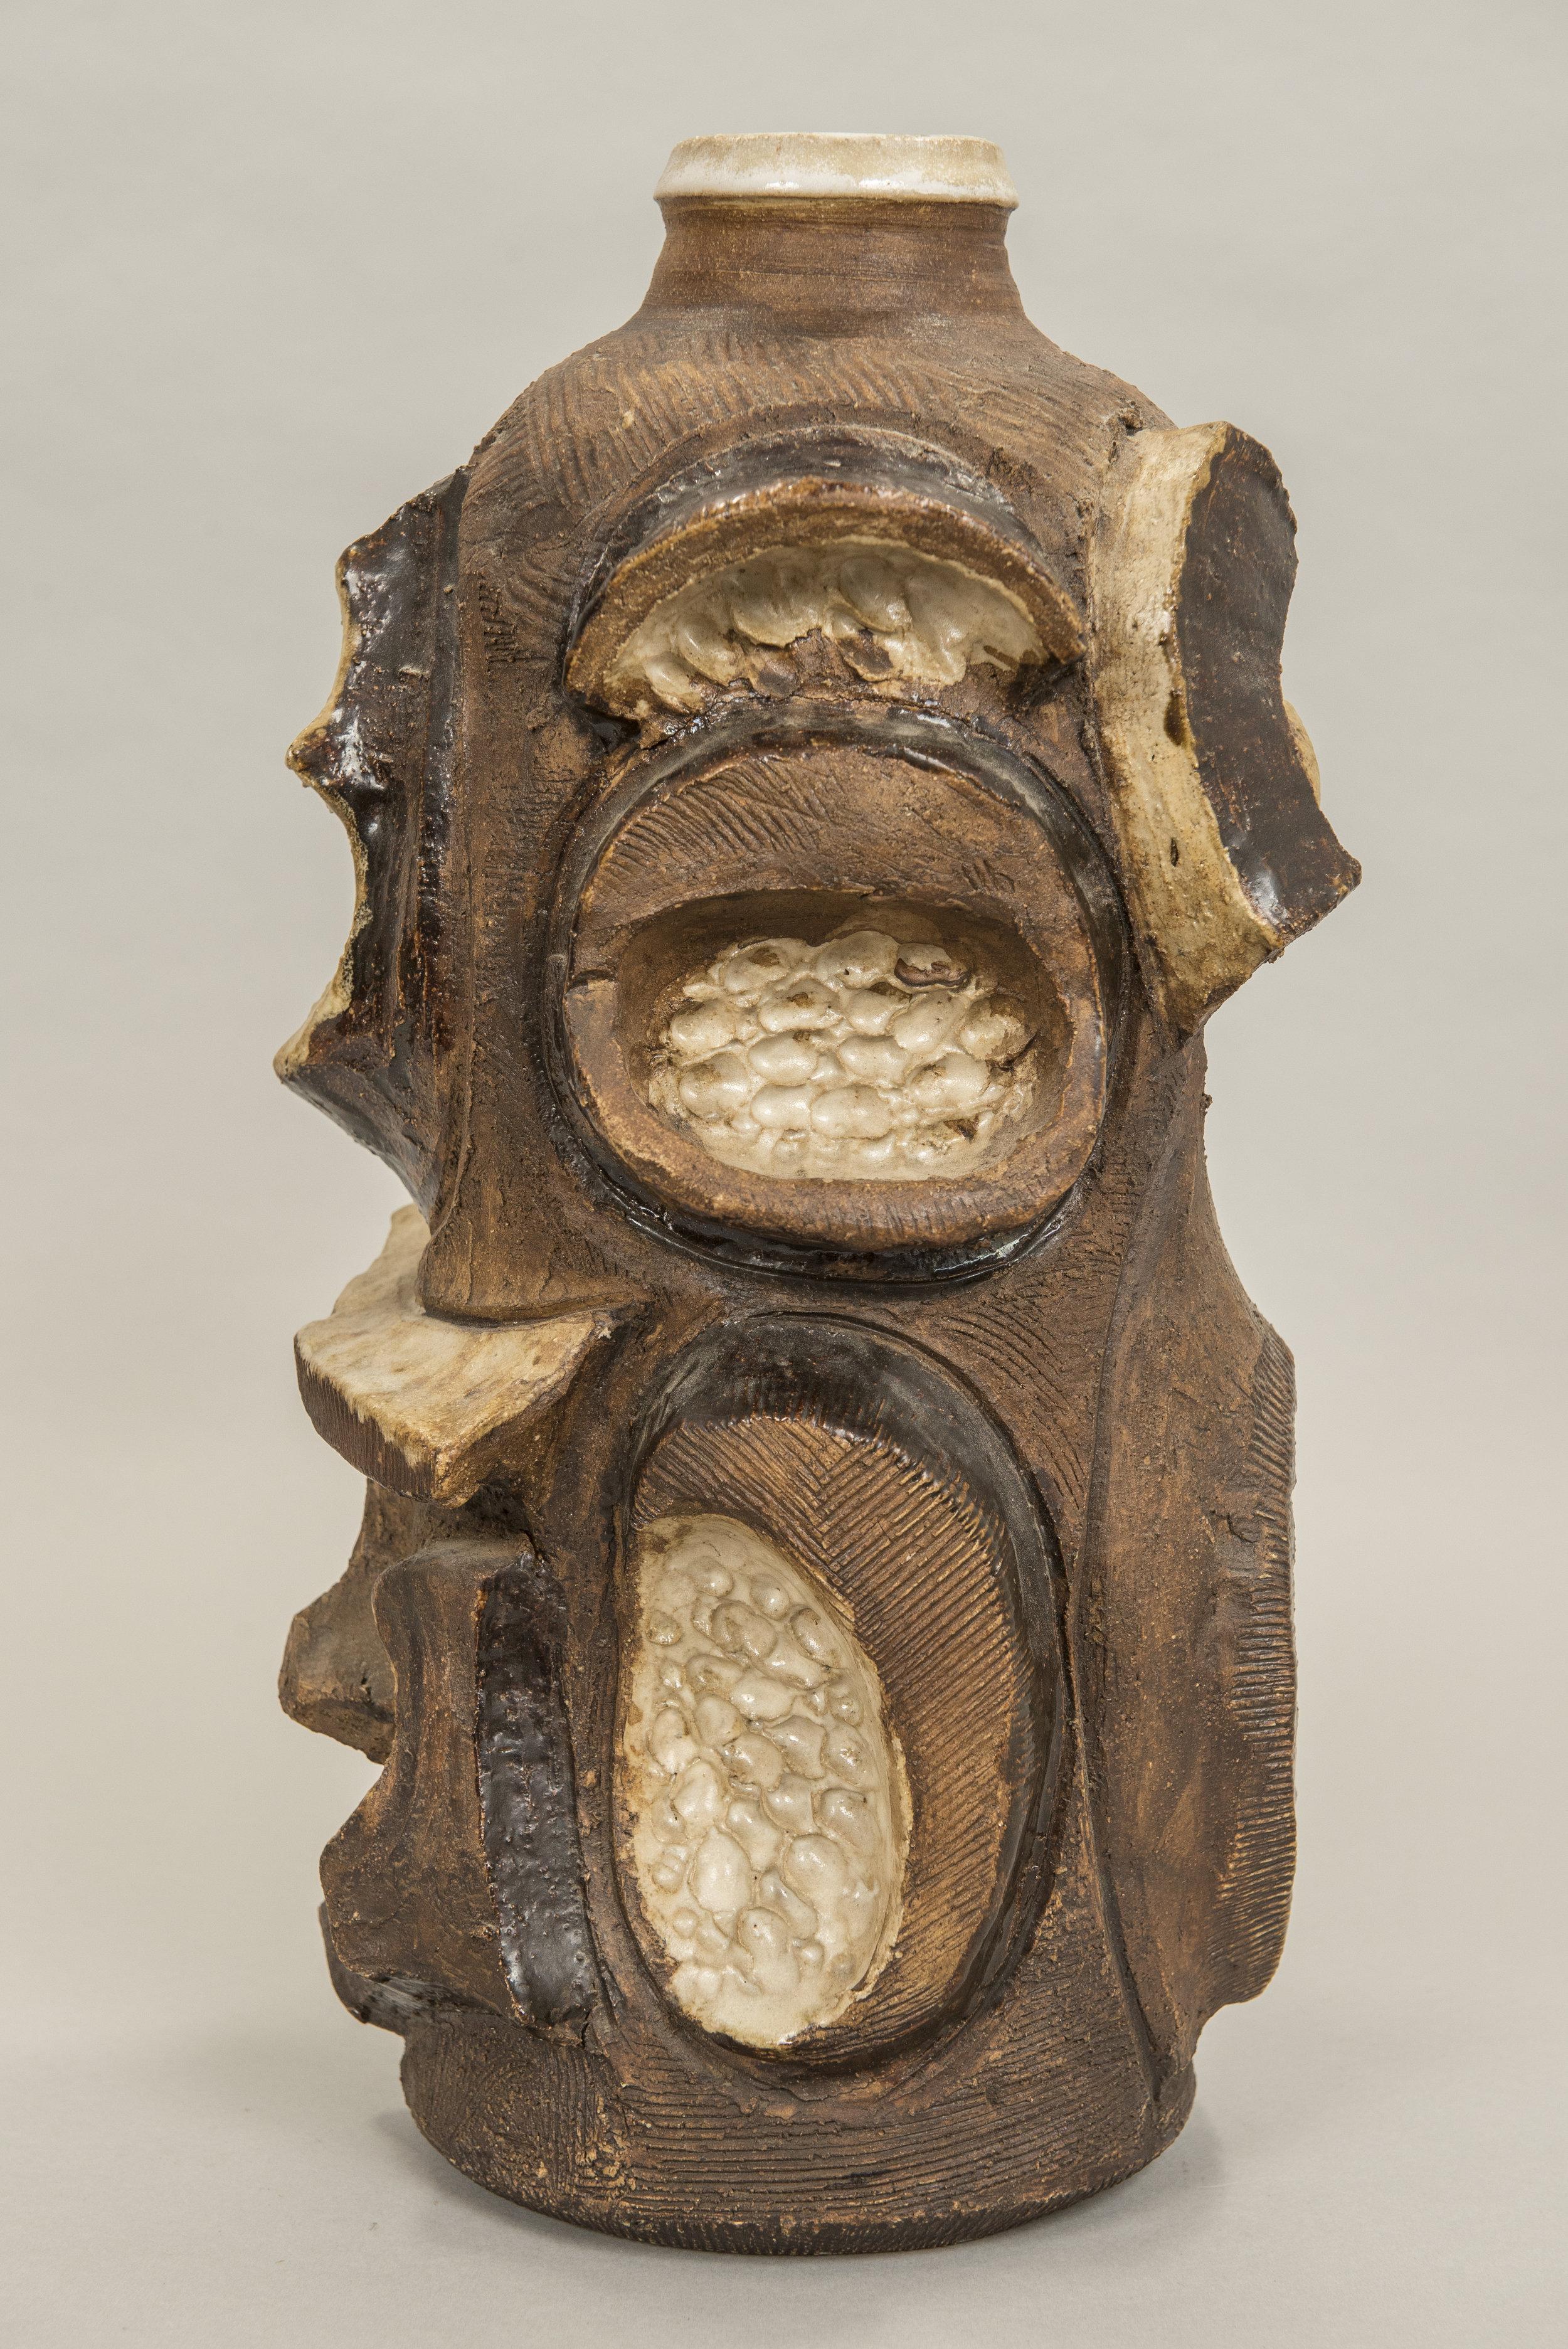 Sculptural ceramic vase